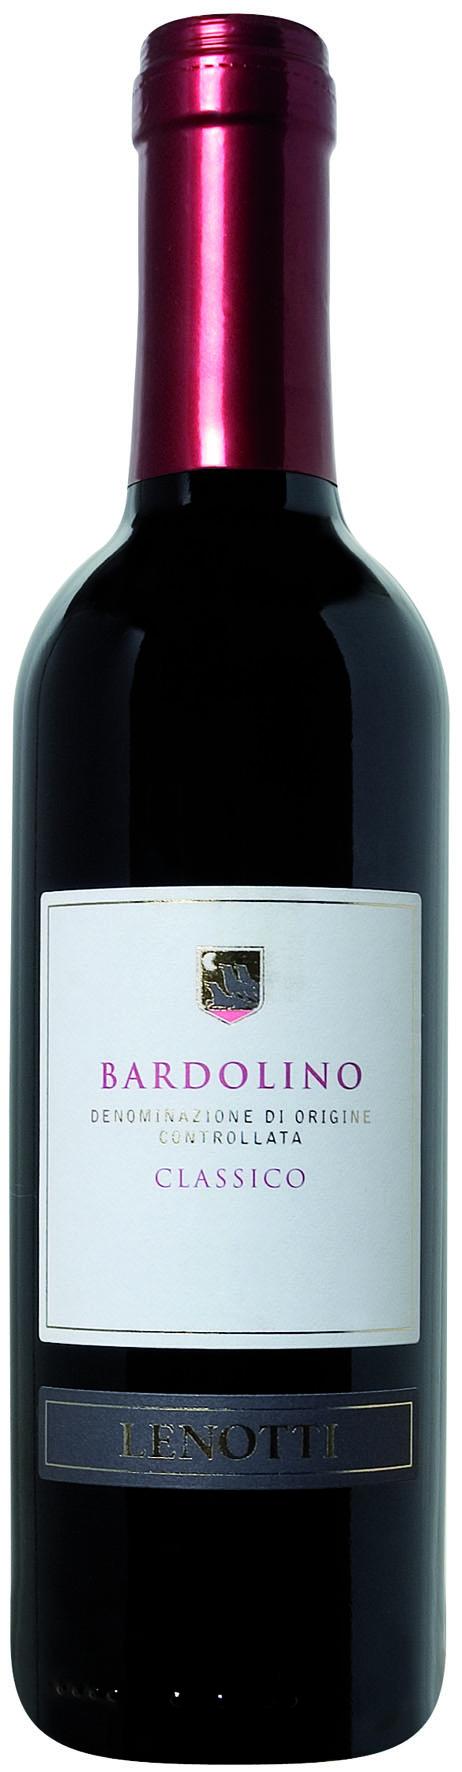 Cantine Lenotti Bardolino Classico